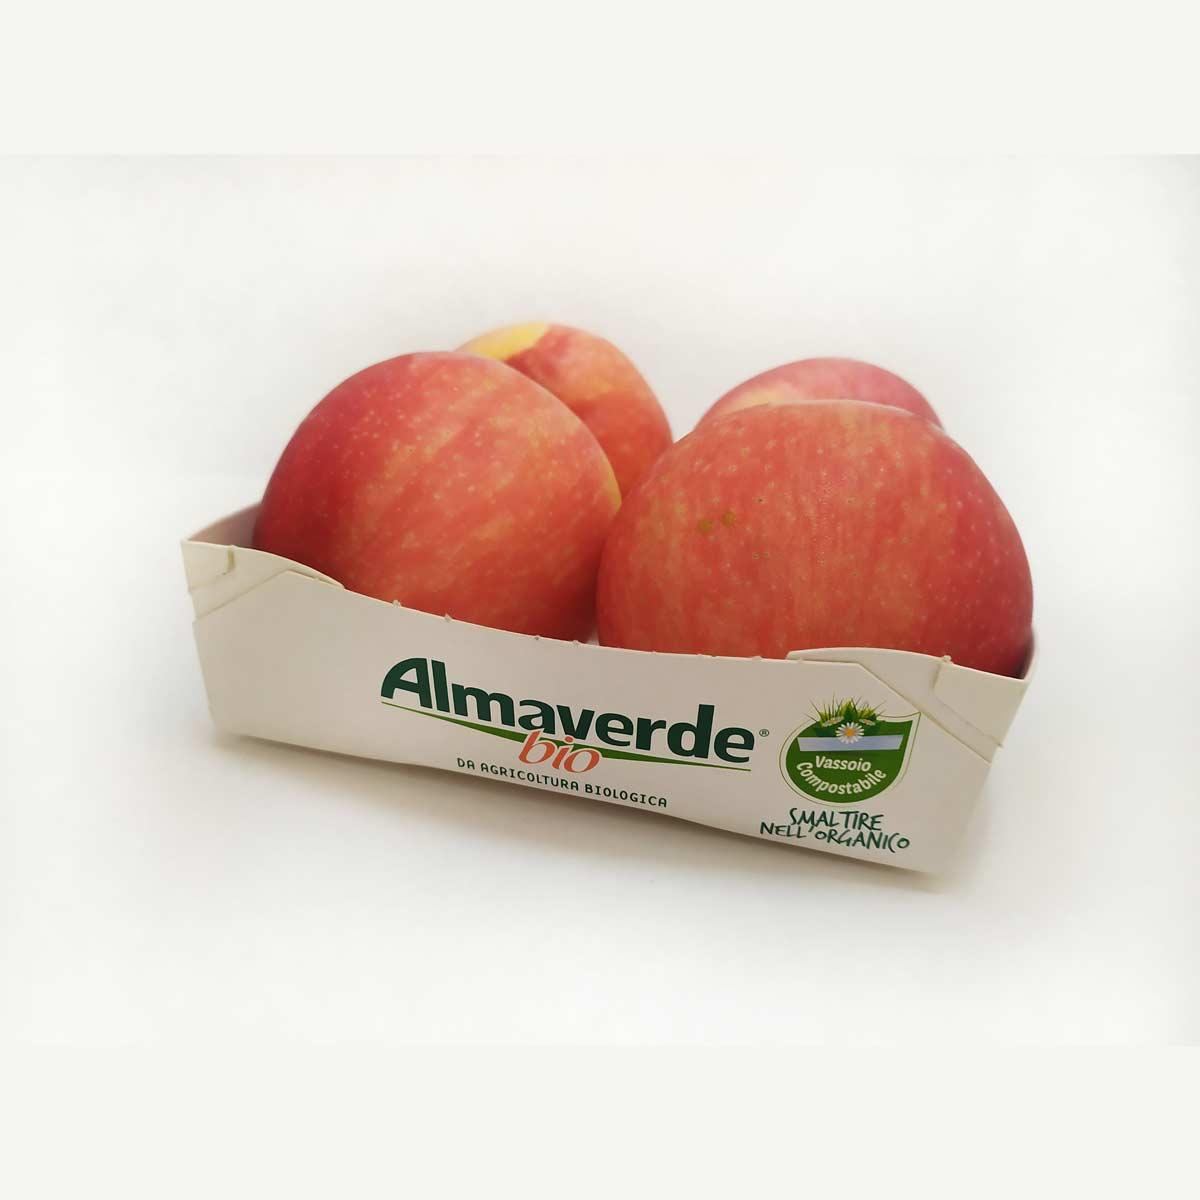 confezioni biodegradabili Almaverde Bio